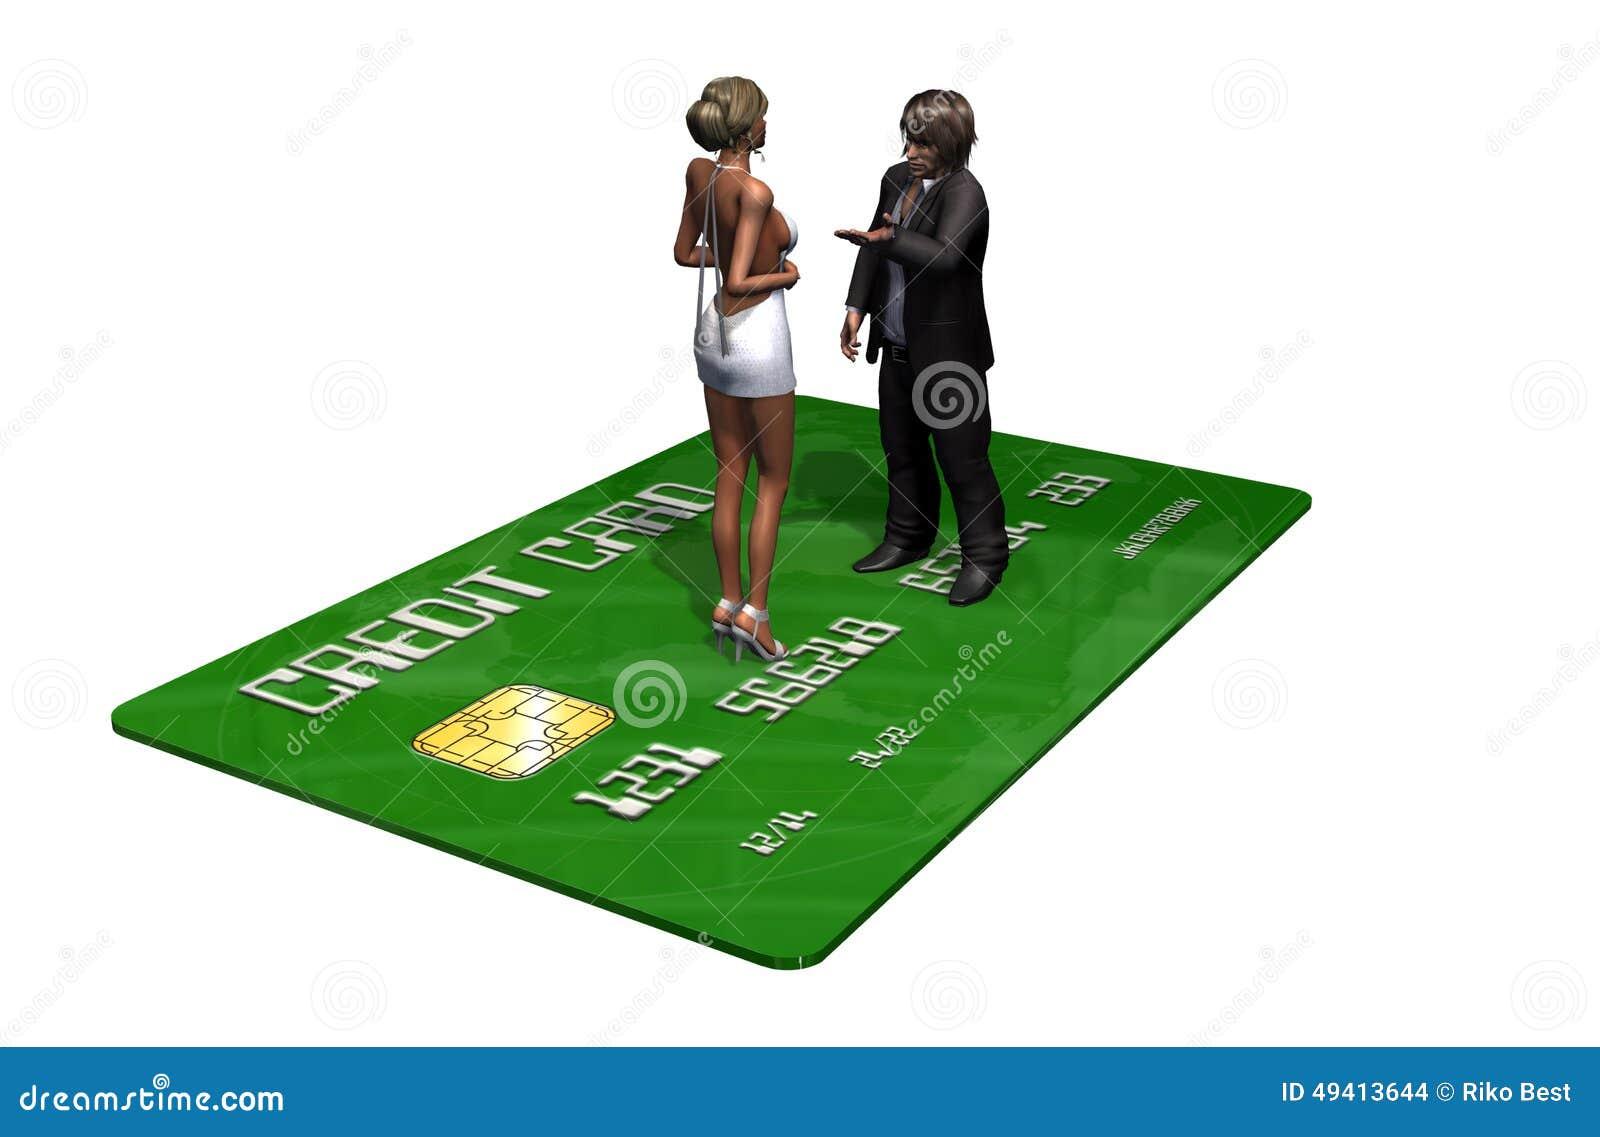 Download Kreditkarte Mit Personen Im Geschäft Stock Abbildung - Illustration von hintergrund, betrug: 49413644